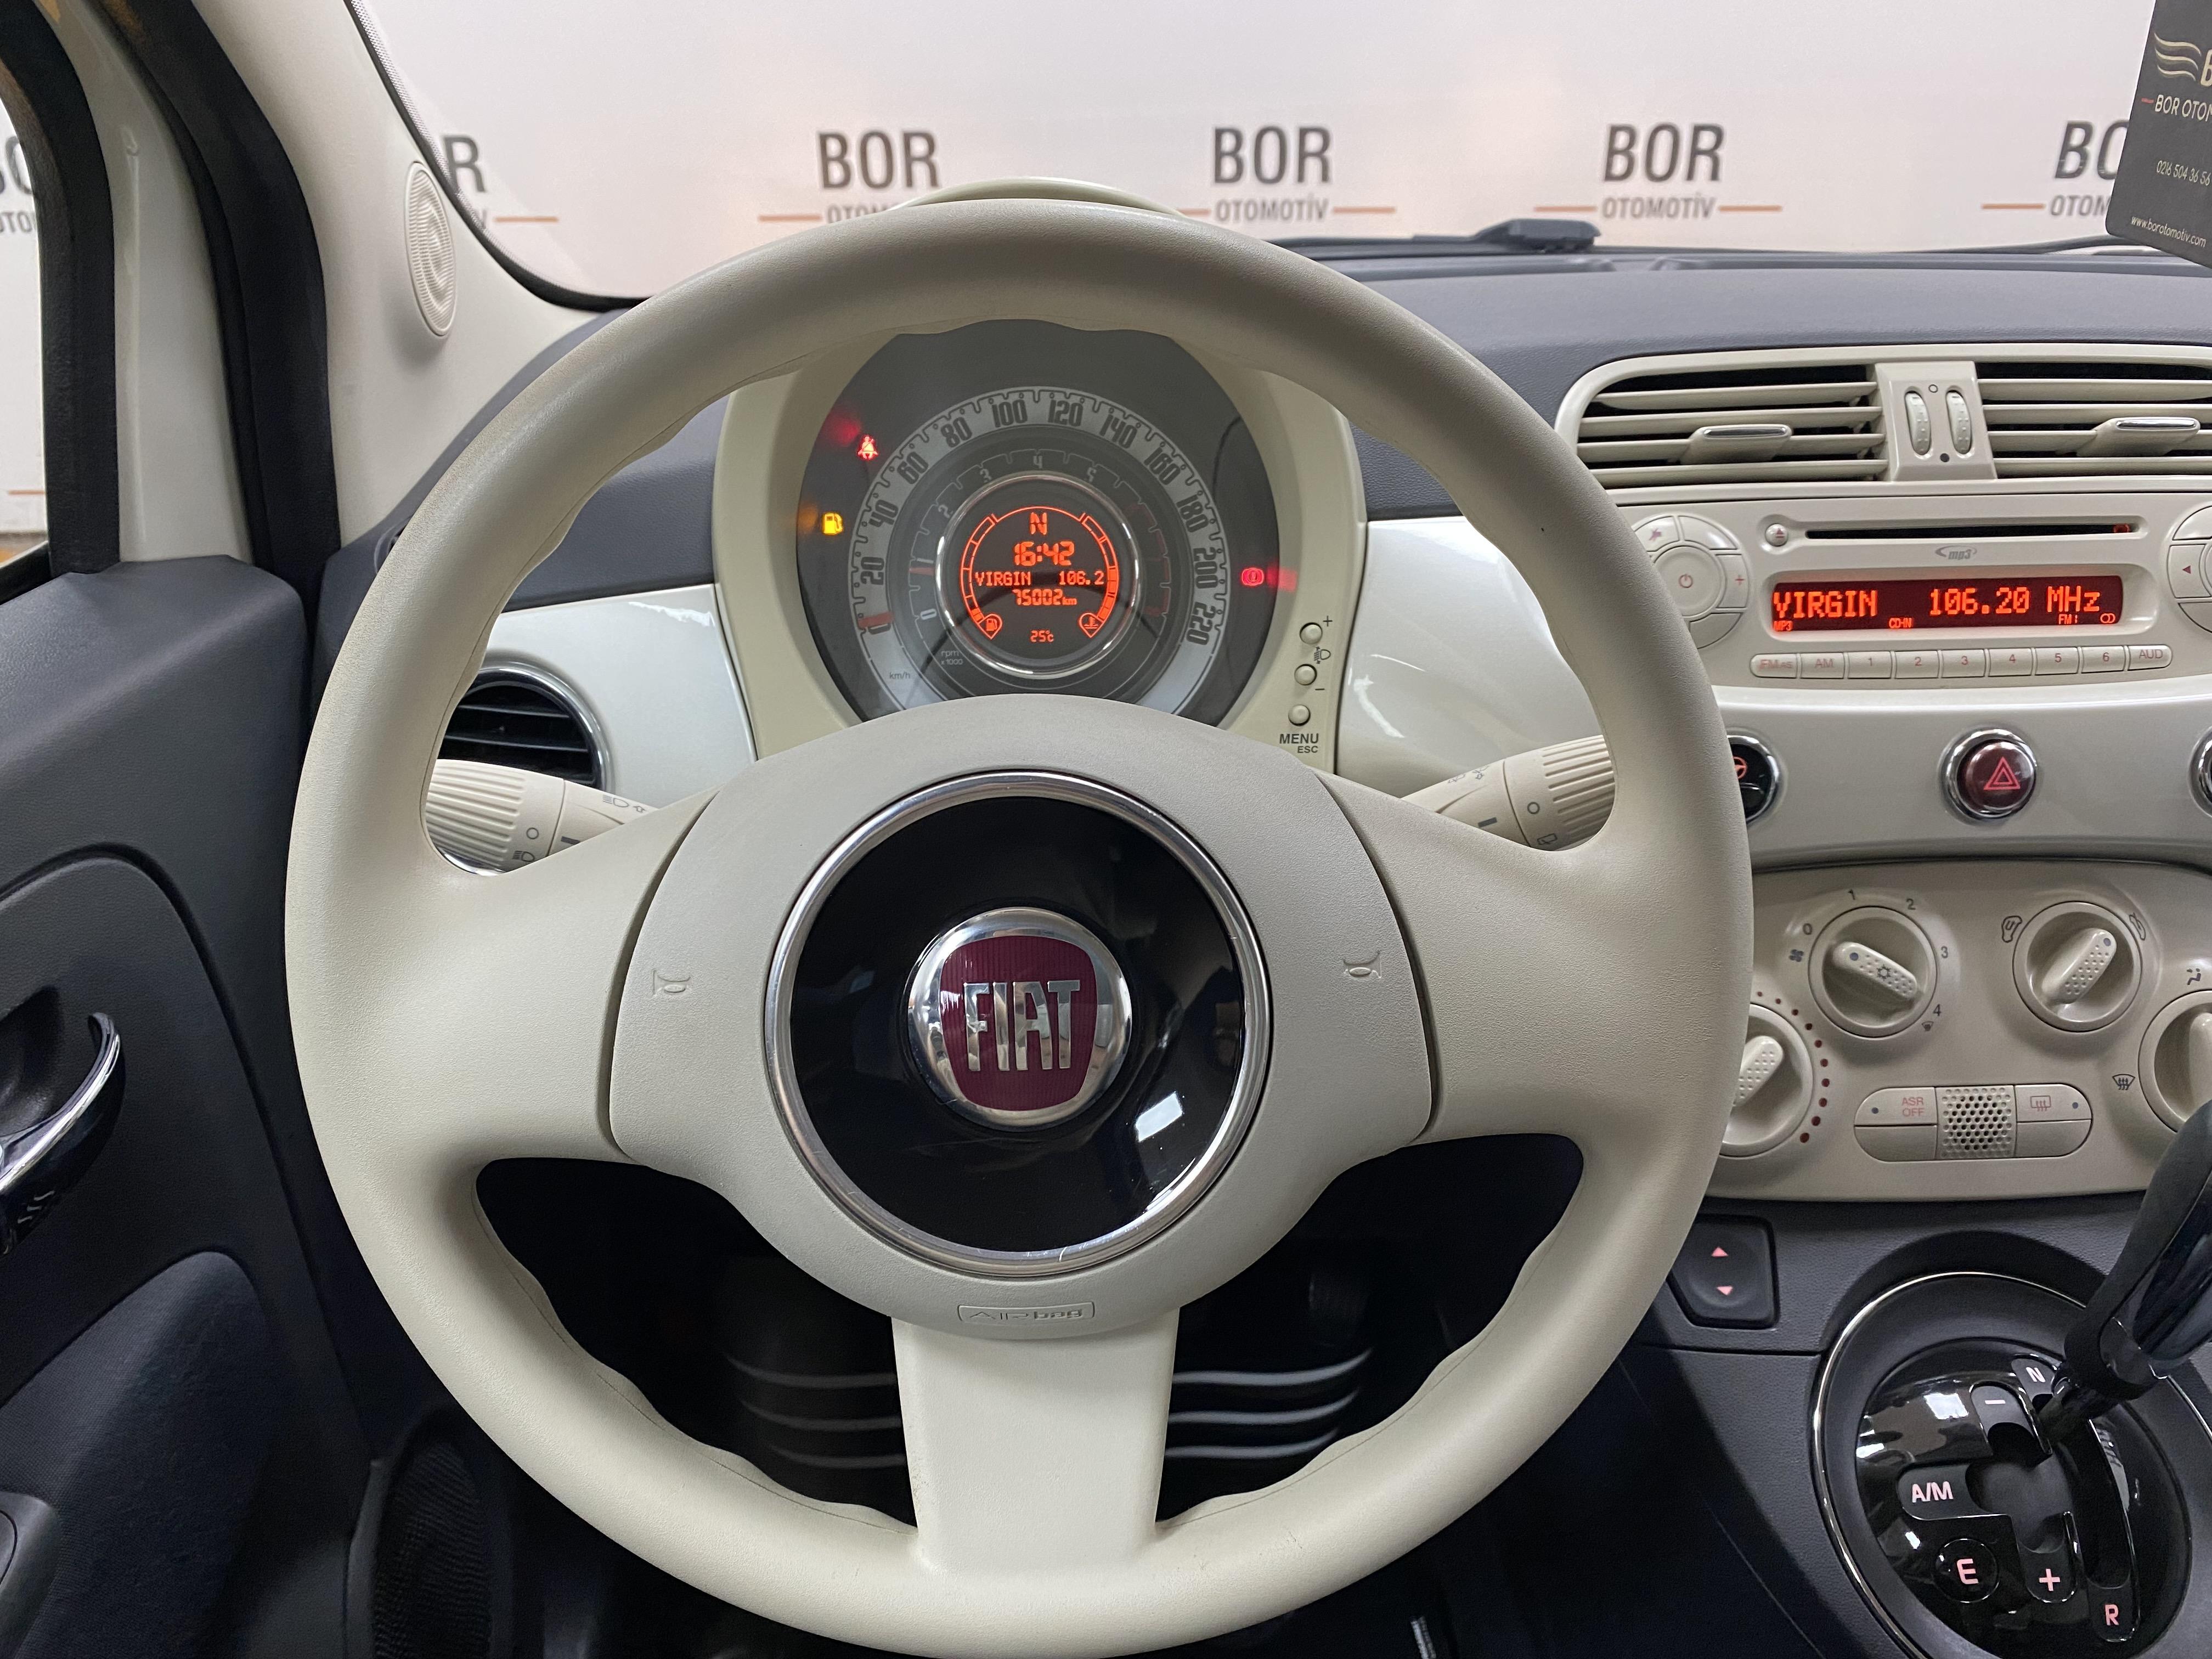 2012*Fiat 500 1.2 Pop*Otomatik*75.000 Km'de*Bakımlı full